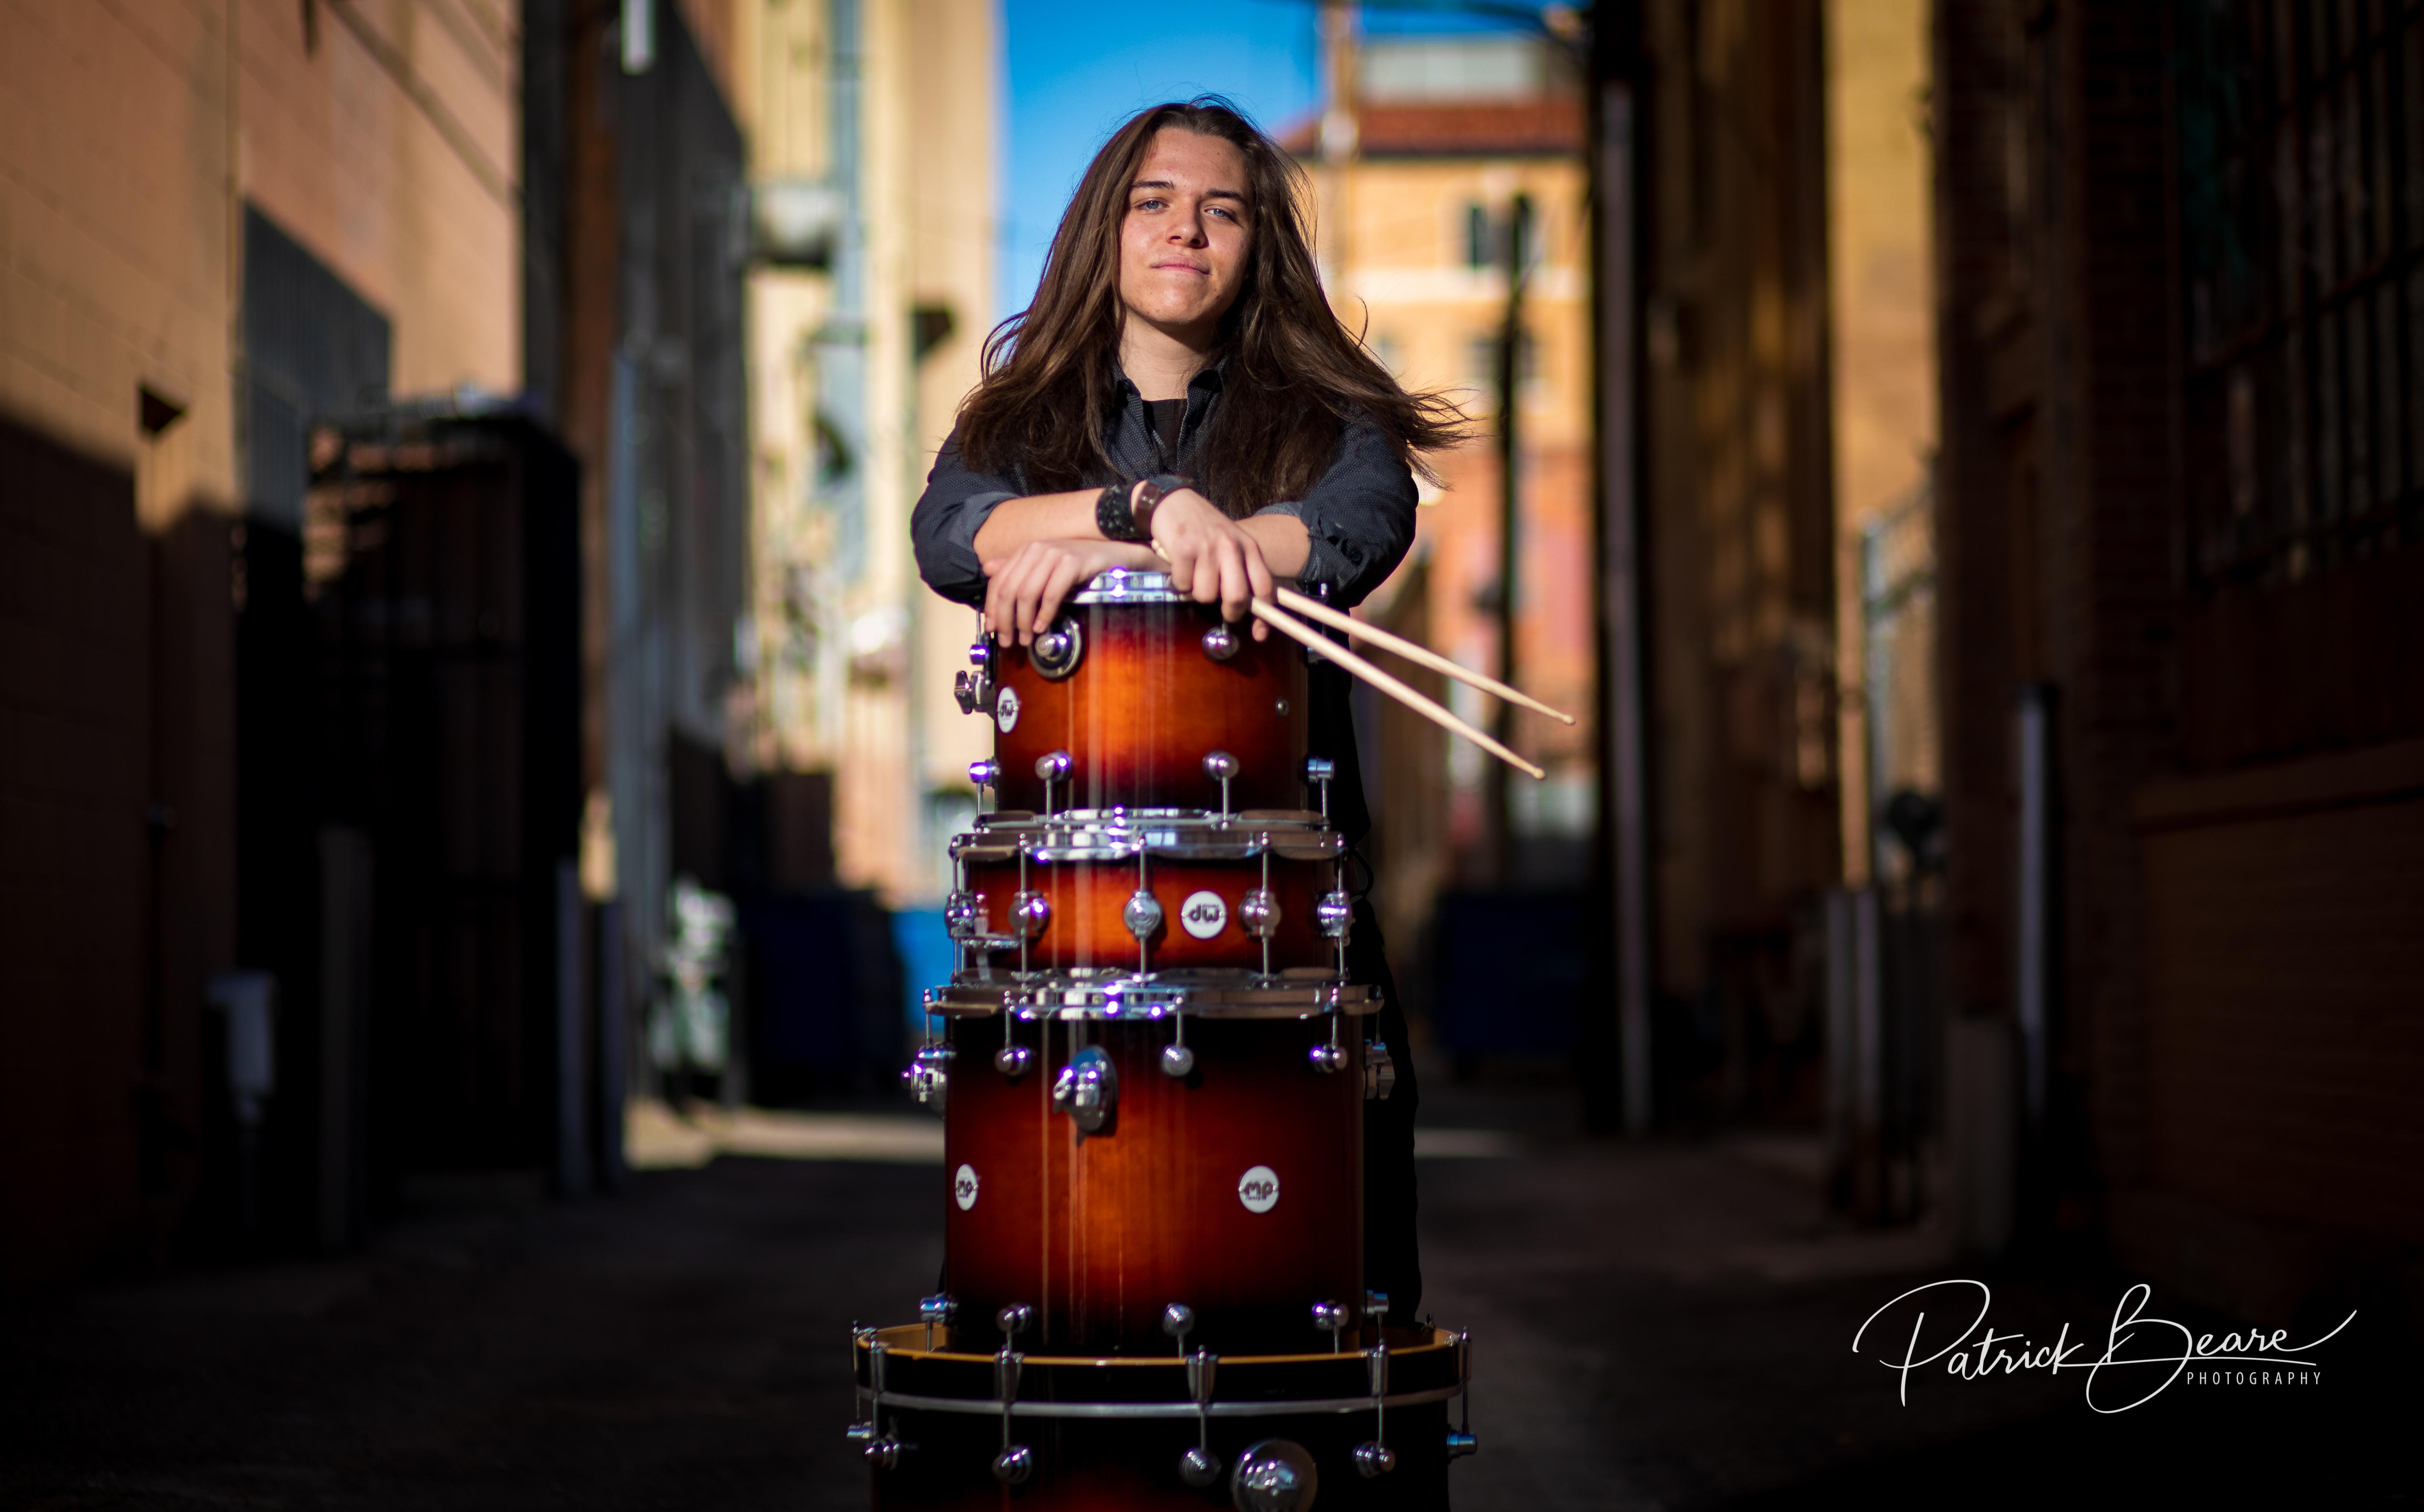 Albuquerque Senior Photographer Drums Music Rock Instrument